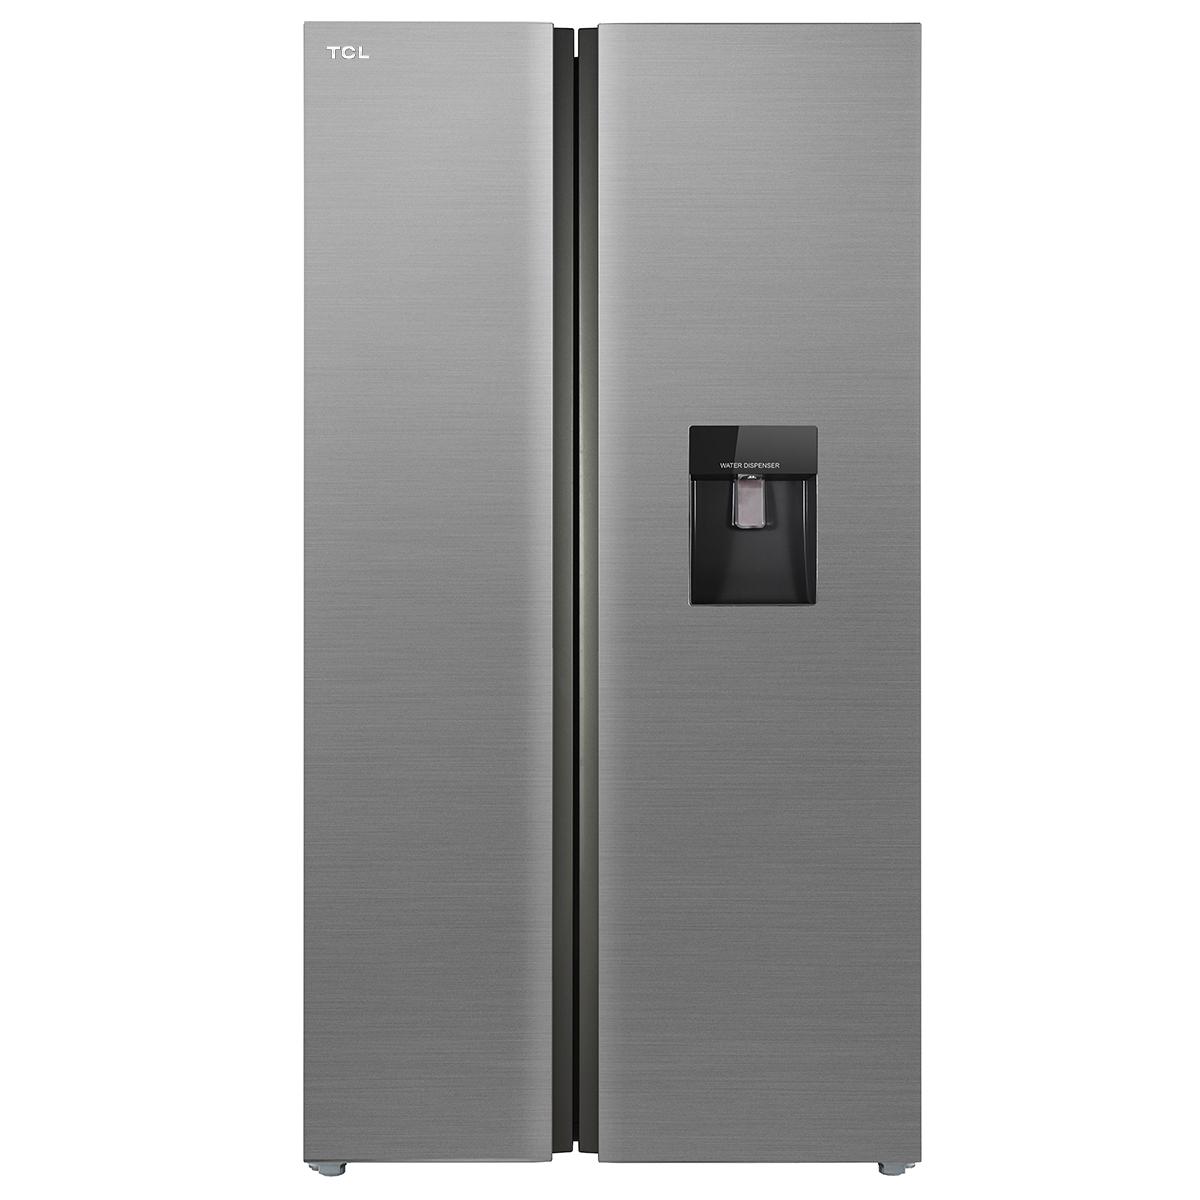 فروش نقدی و اقساطی یخچال و فریزر ساید بای ساید تی سی ال مدل S545-AWD/ASD/AGD/AMD